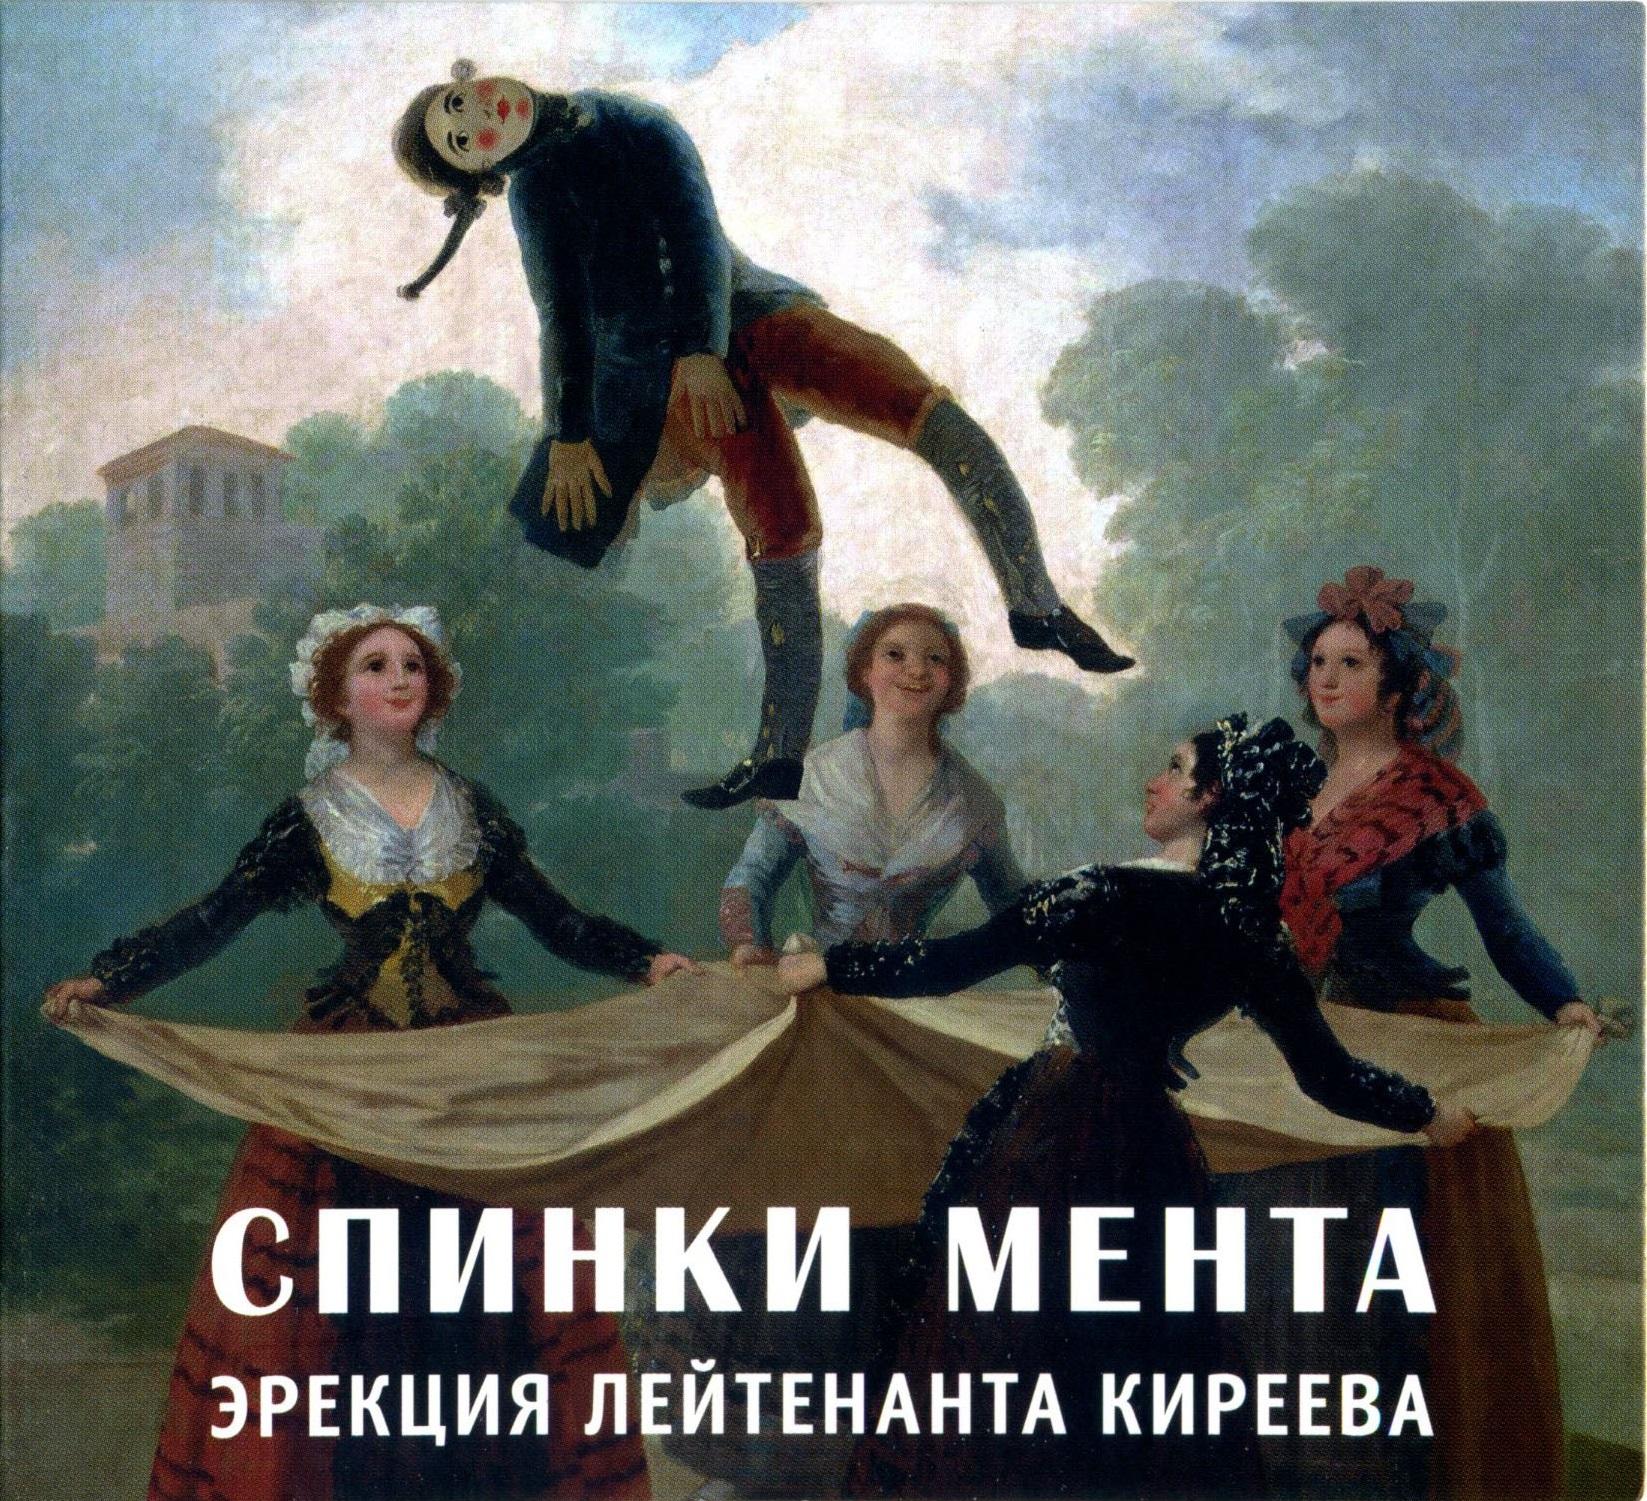 Спинки Мента — Эрекция лейтенанта Киреева & Кучи в ночи (1988)